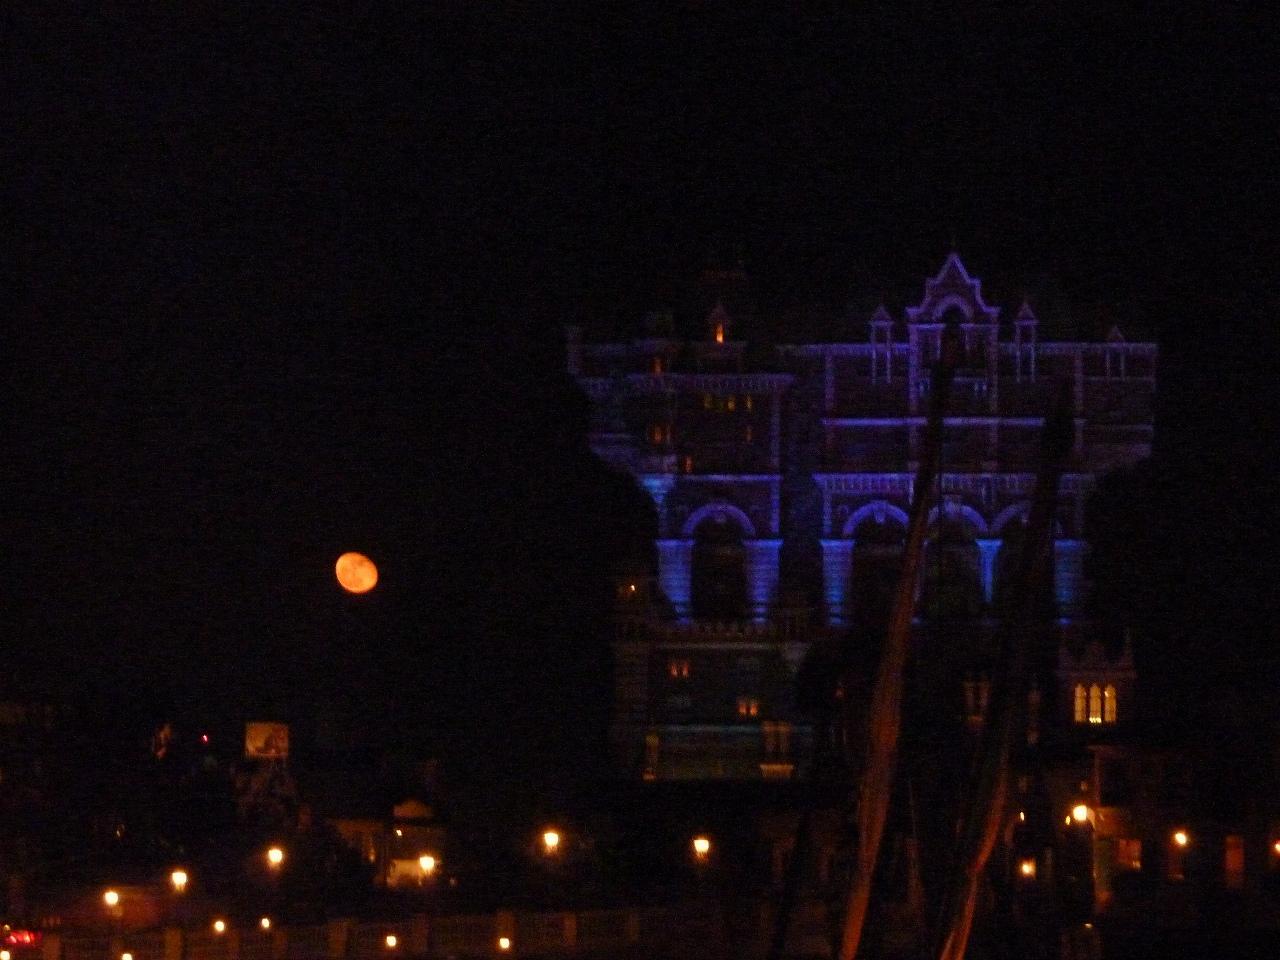 タワーオブテラーと赤い月